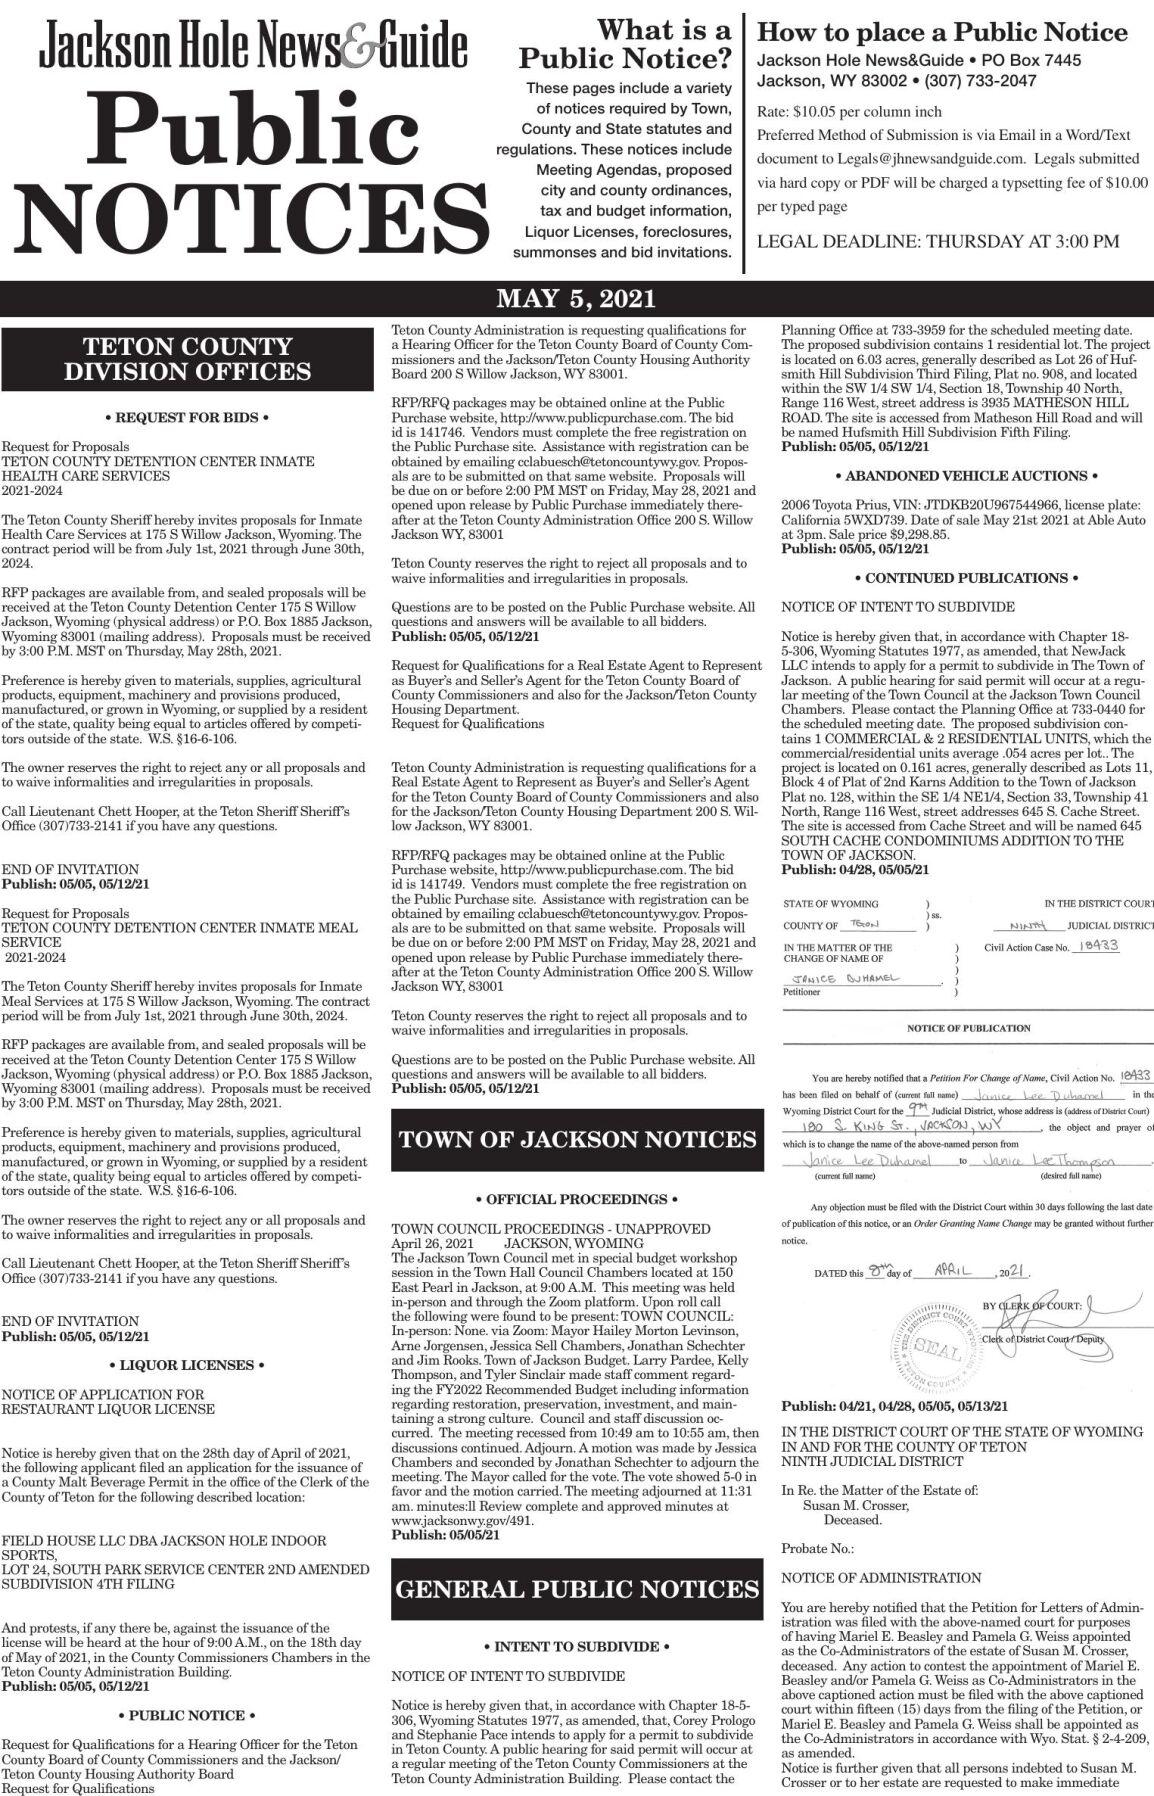 Public Notices, May 5, 2021